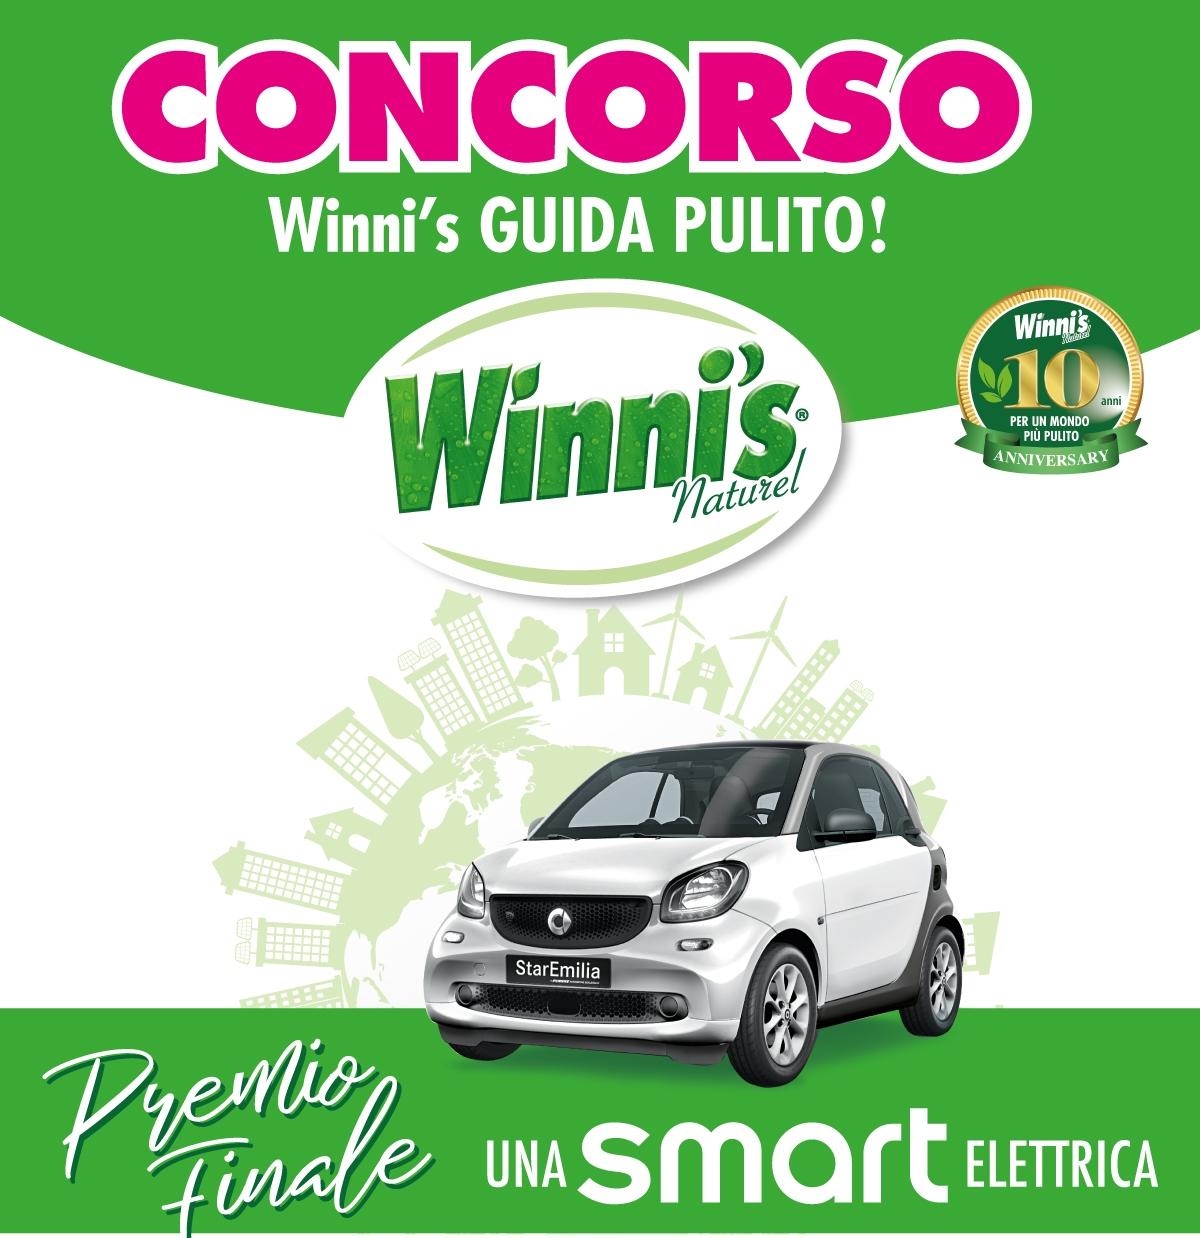 BioEcoGeo_CONCORSO-WINNI'S